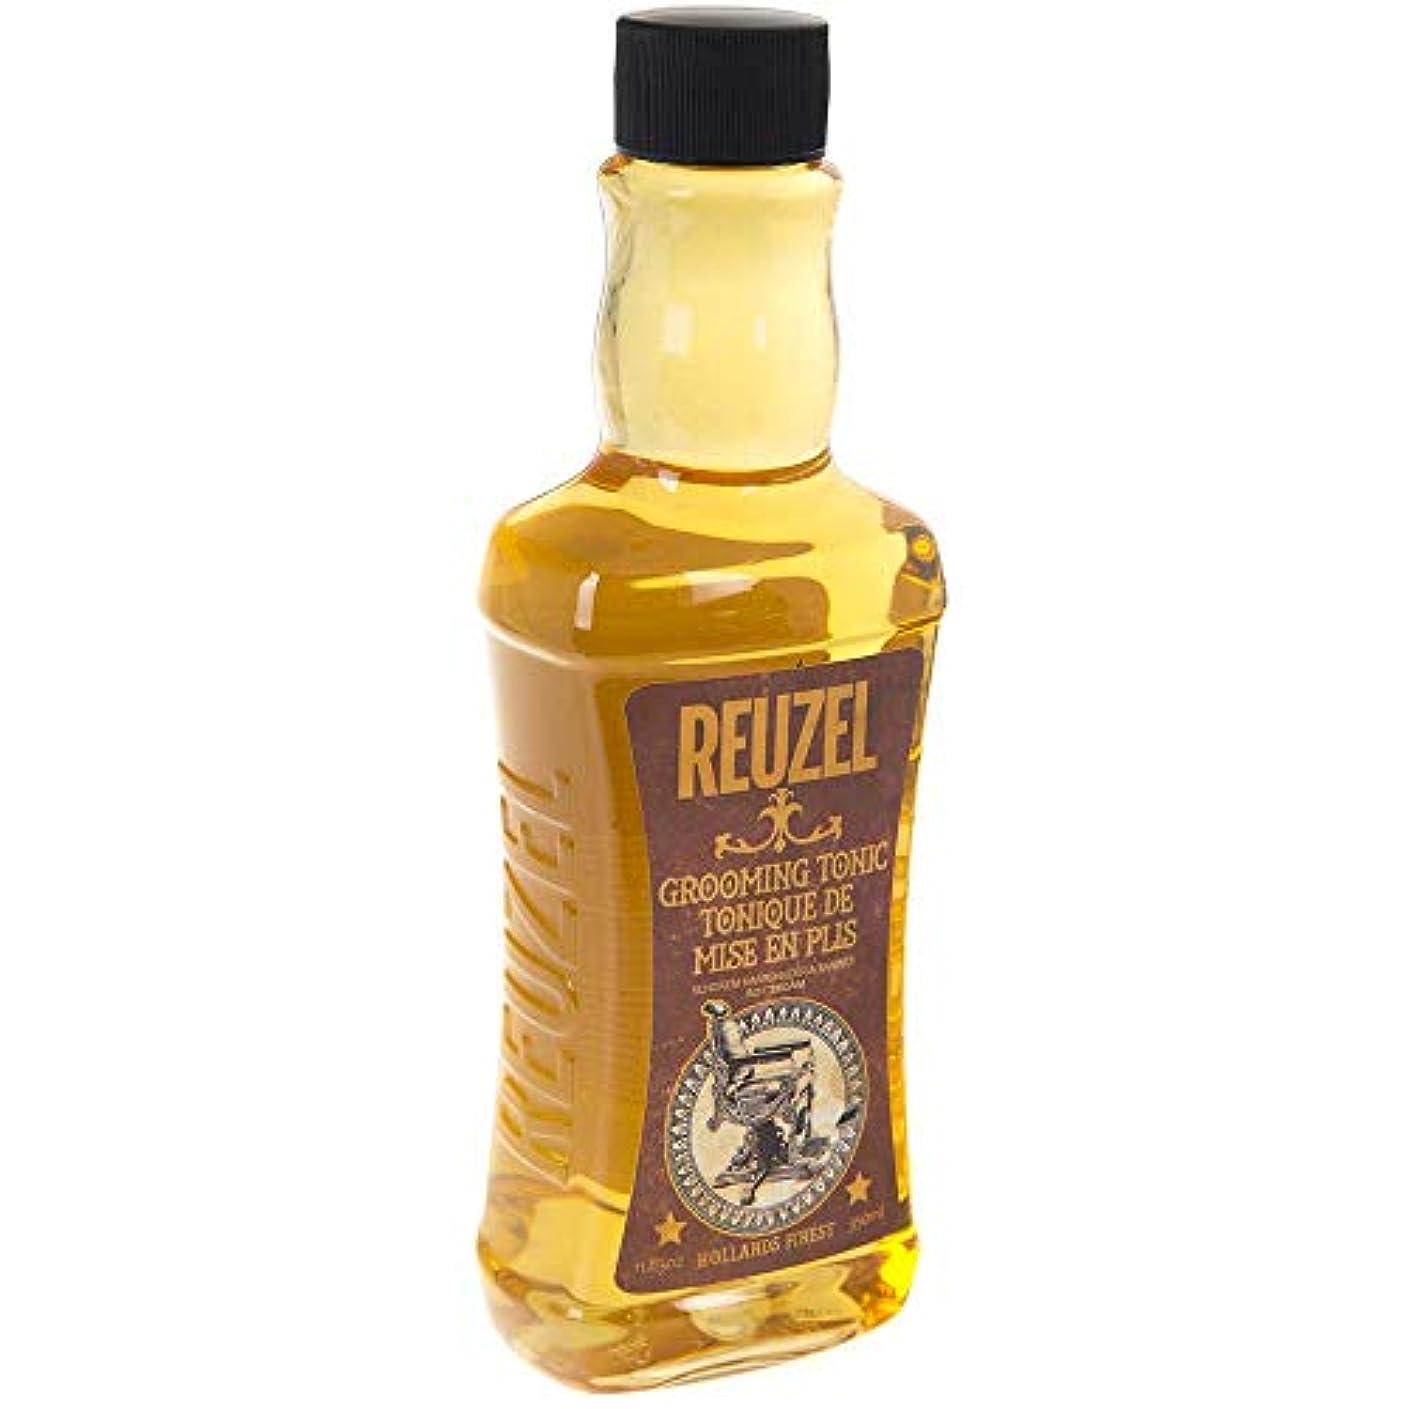 カタログ凍る王朝ルーゾー グルーミング トニック Reuzel Grooming Tonic 350 ml [並行輸入品]